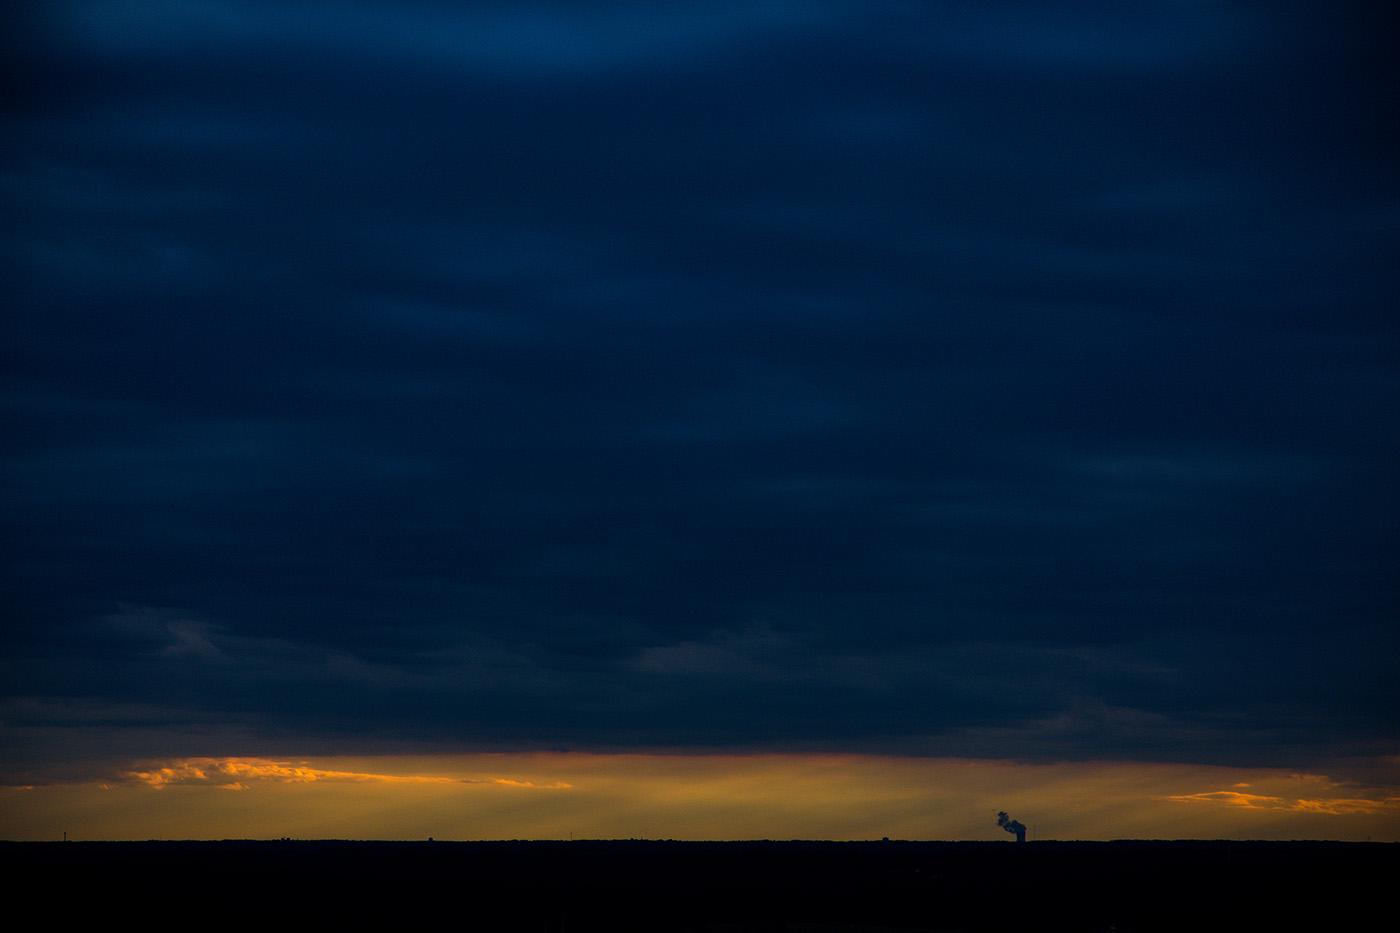 Art Photography: The Raleigh skyline at dusk.